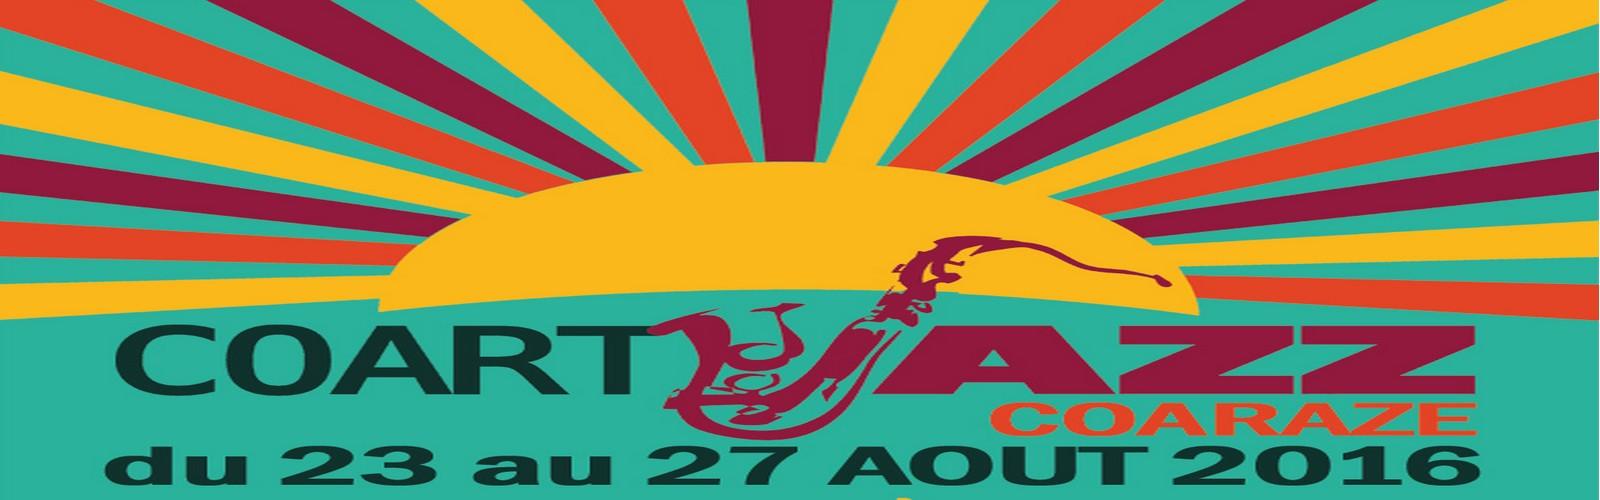 Chaque année un plateau artistique exceptionnel à Coartjazz !